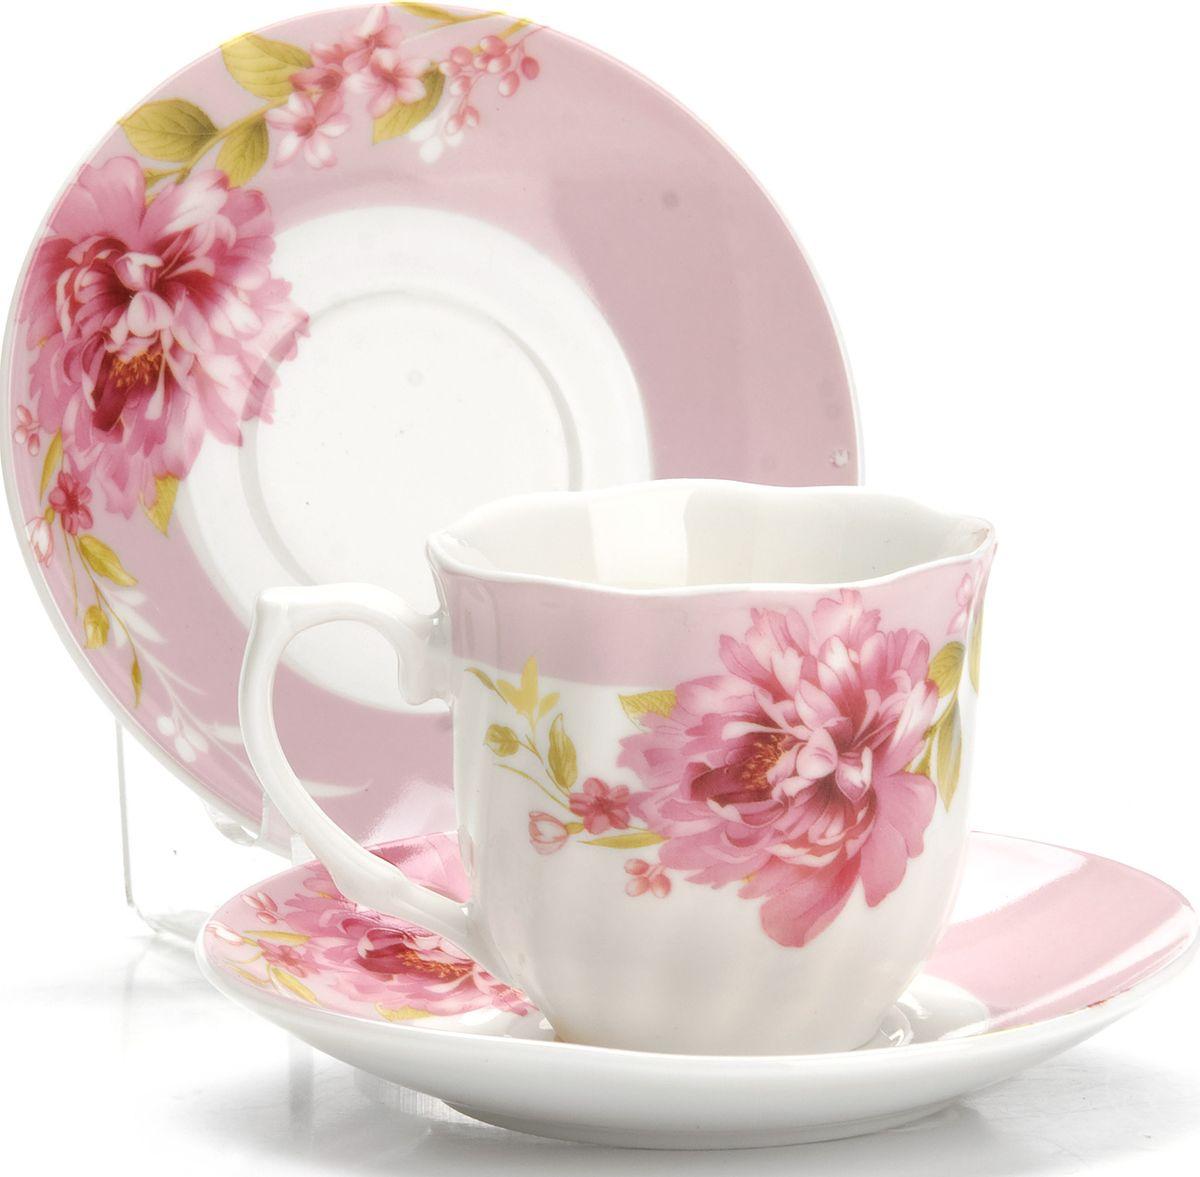 Набор кофейный Loraine, 12 предметов. 4333325961Кофейный набор Loraine состоит из 6 чашек и 6 блюдец. Изделия выполнены из высококачественного костяного фарфора и декорированы цветочным рисунком. Такой набор станет прекрасным украшением стола и порадует гостей изысканным дизайном и утонченностью. Набор упакован в подарочную коробку, задрапированную внутри белой атласной тканью. Объем чашки: 80 мл. Диаметр чашки (по верхнему краю): 6 см. Высота чашки: 5,5 см. Диаметр блюдца (по верхнему краю): 11 см. Высота блюдца: 1,5 см.